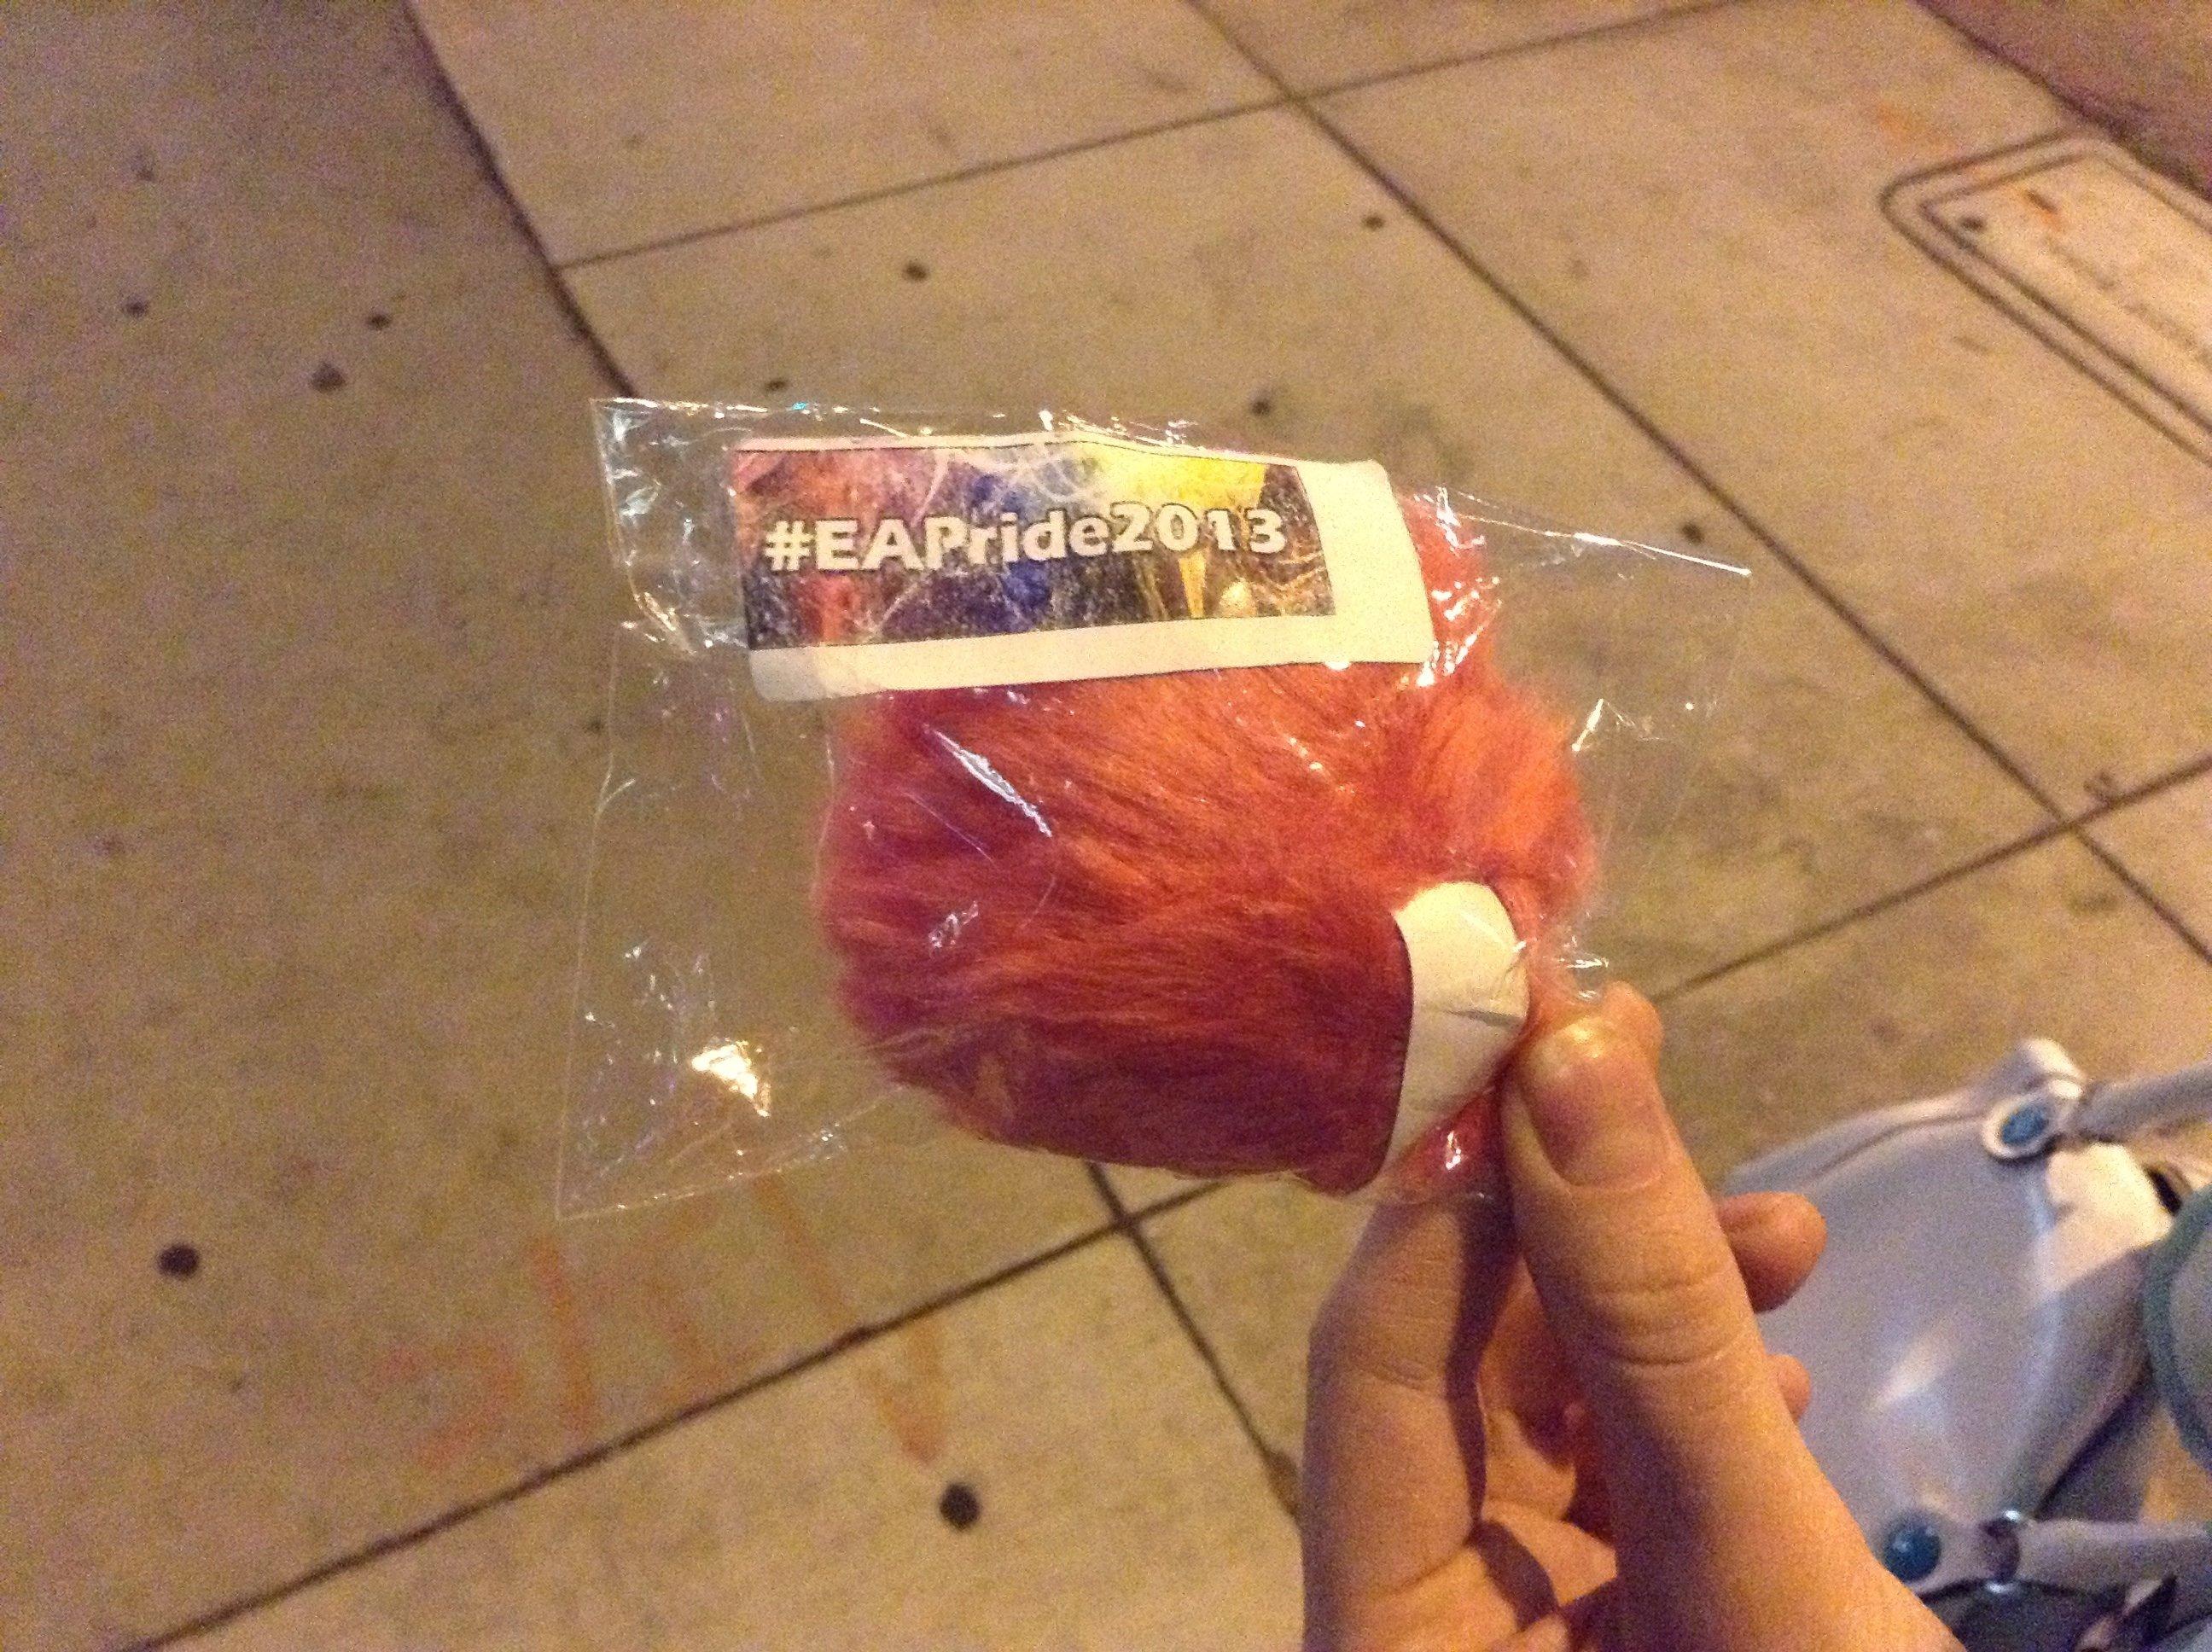 А, еще вот что! Не представляю, как это объяснить, но на вчерашнем гей-параде раздавали розовые волосатые предметы с ... - Изображение 1